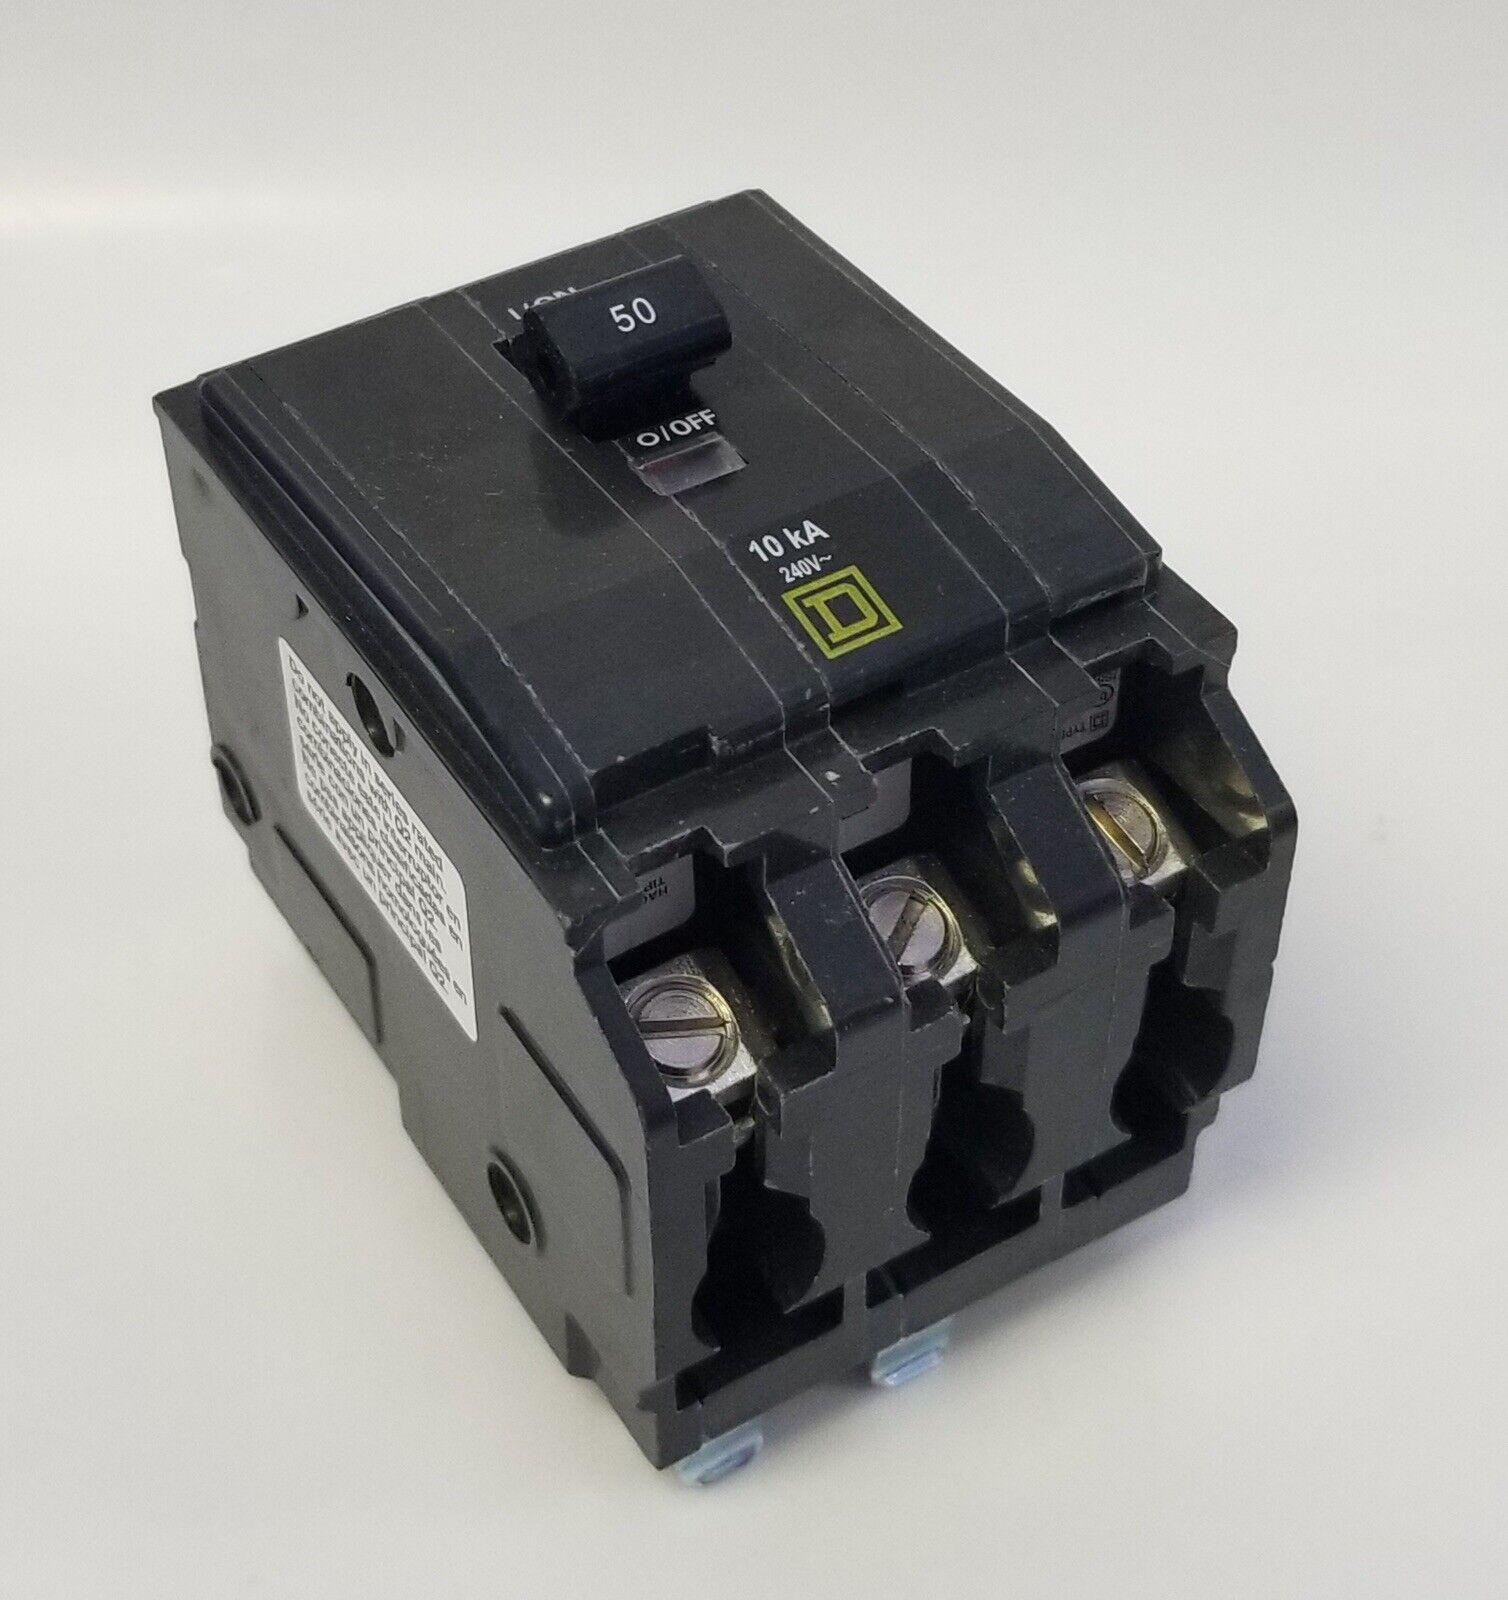 QO350 Square D 3pole 50amp 240V Plug-In Circuit Breaker NEW!!